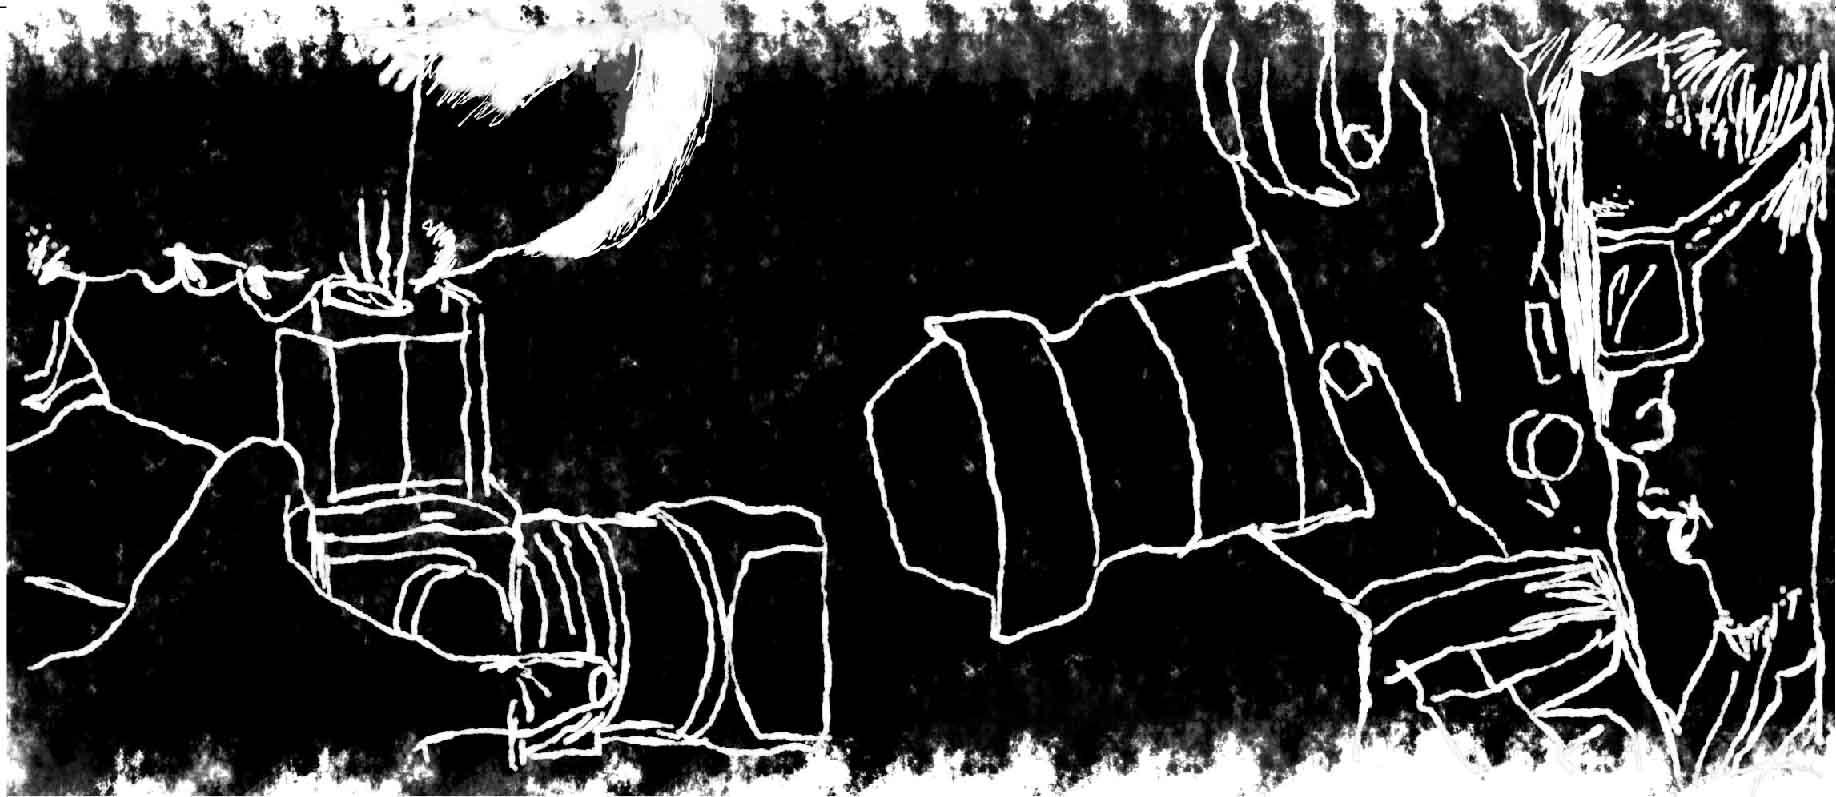 广州美食摄影,菜式摄影,广州食品摄影,菜谱摄影,广州酒店菜式摄影,菜类摄影,广州蛋糕摄影,饮料摄影,广州餐饮摄影,广州酒楼摄影,广州菜牌摄影,广州高档菜谱餐 牌策划设计制作印刷, 广州火锅菜单设计、广州火锅菜单制作 广州菜牌设计广州菜牌制作广州菜牌印刷广州菜牌摄影广州菜牌图片广州菜